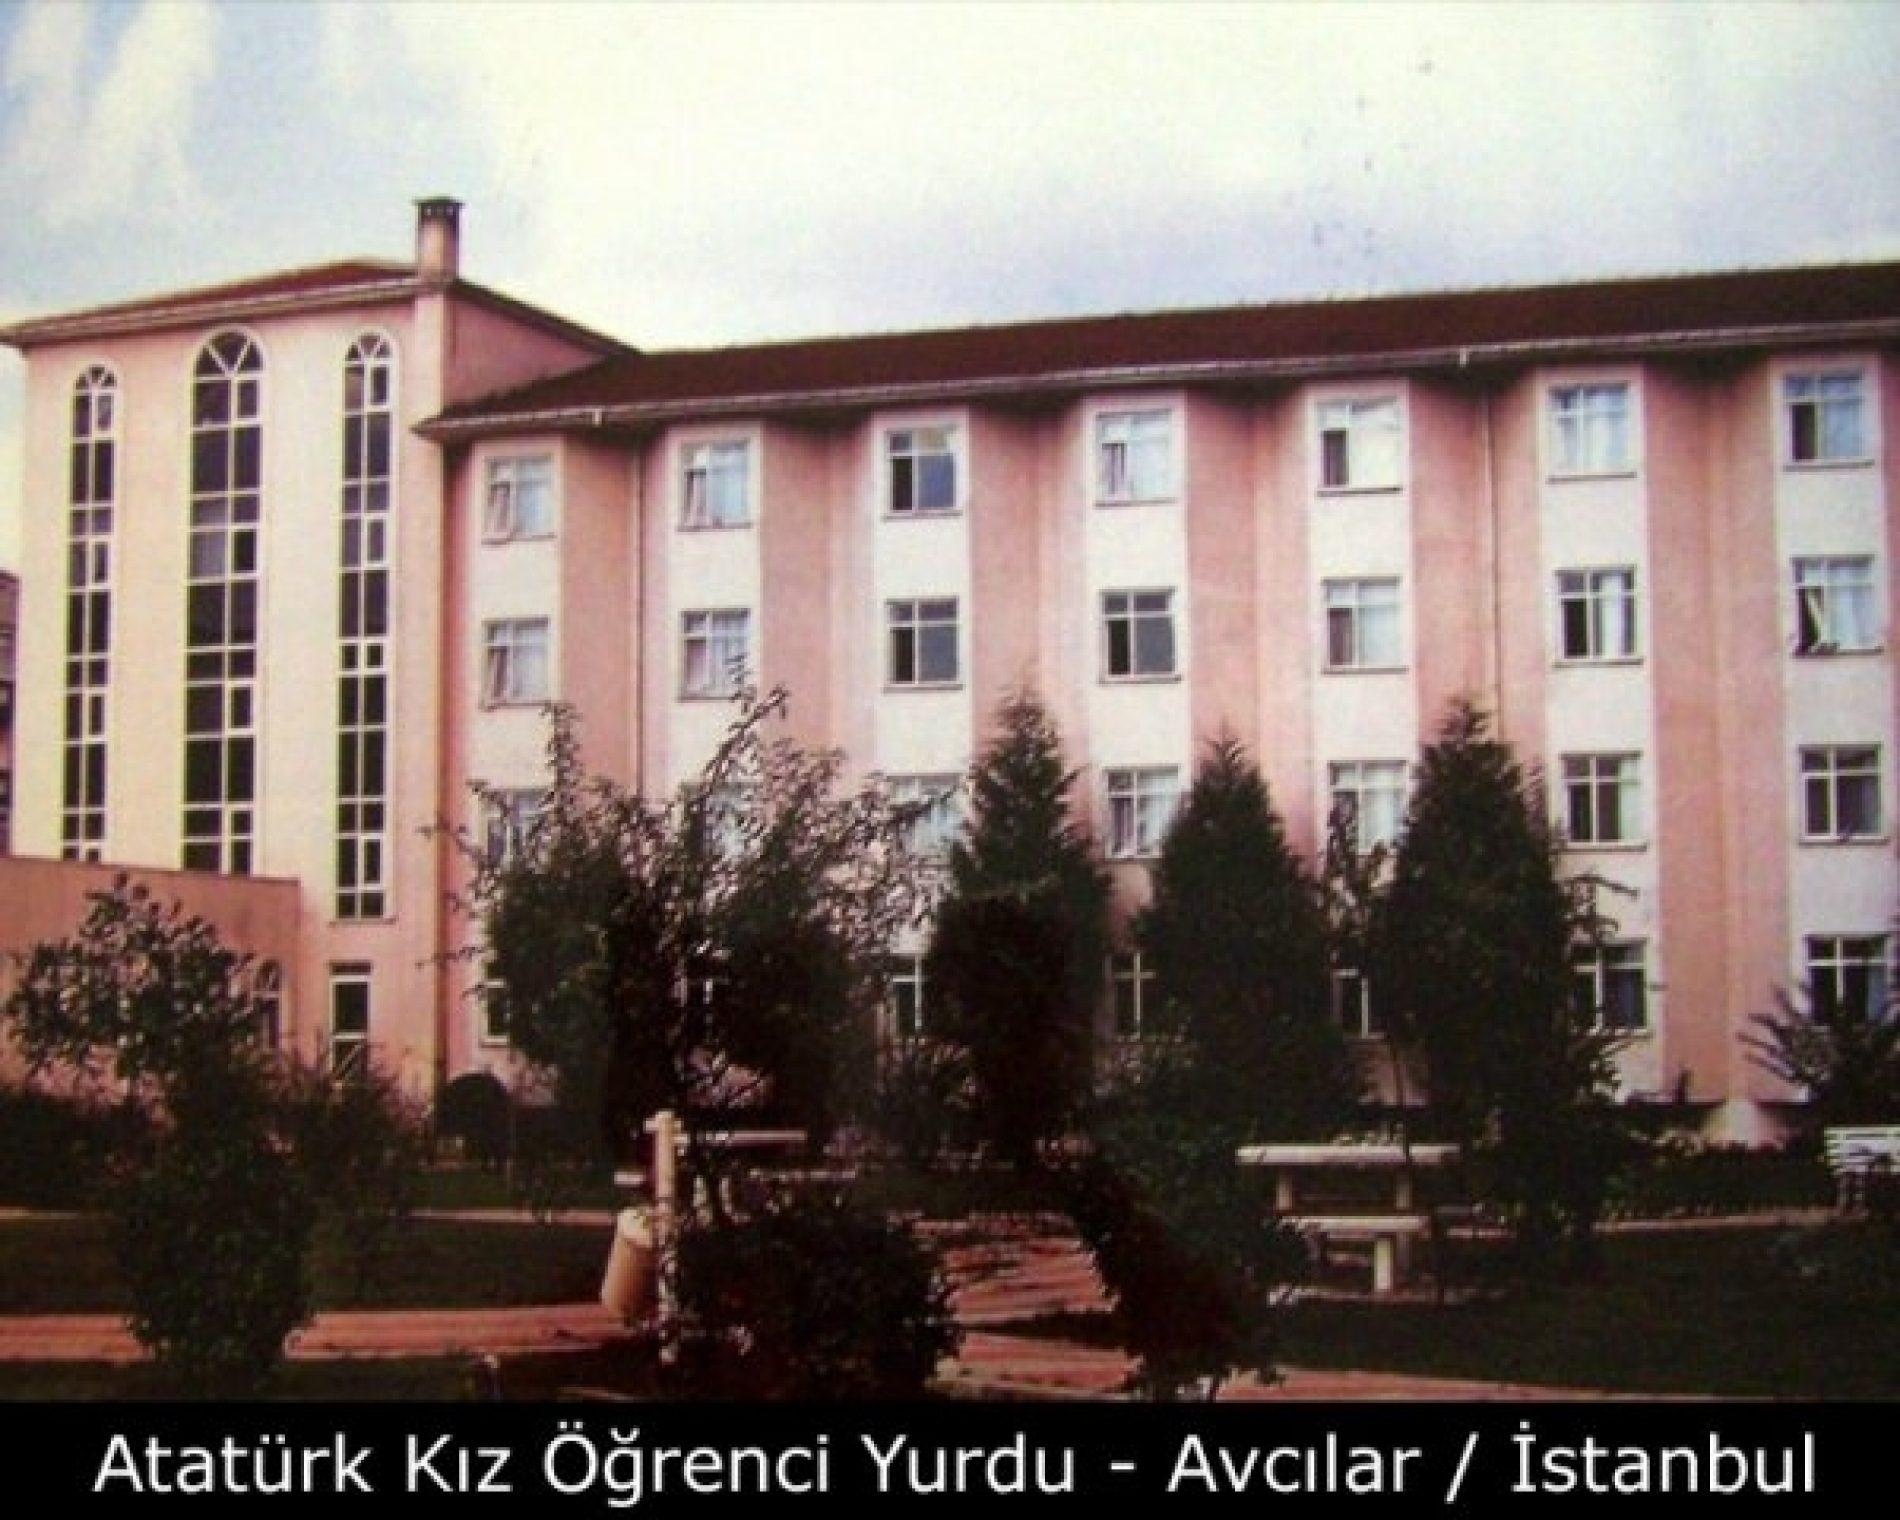 TYSD İstanbul Atatürk Kız Öğrenci Yurdu